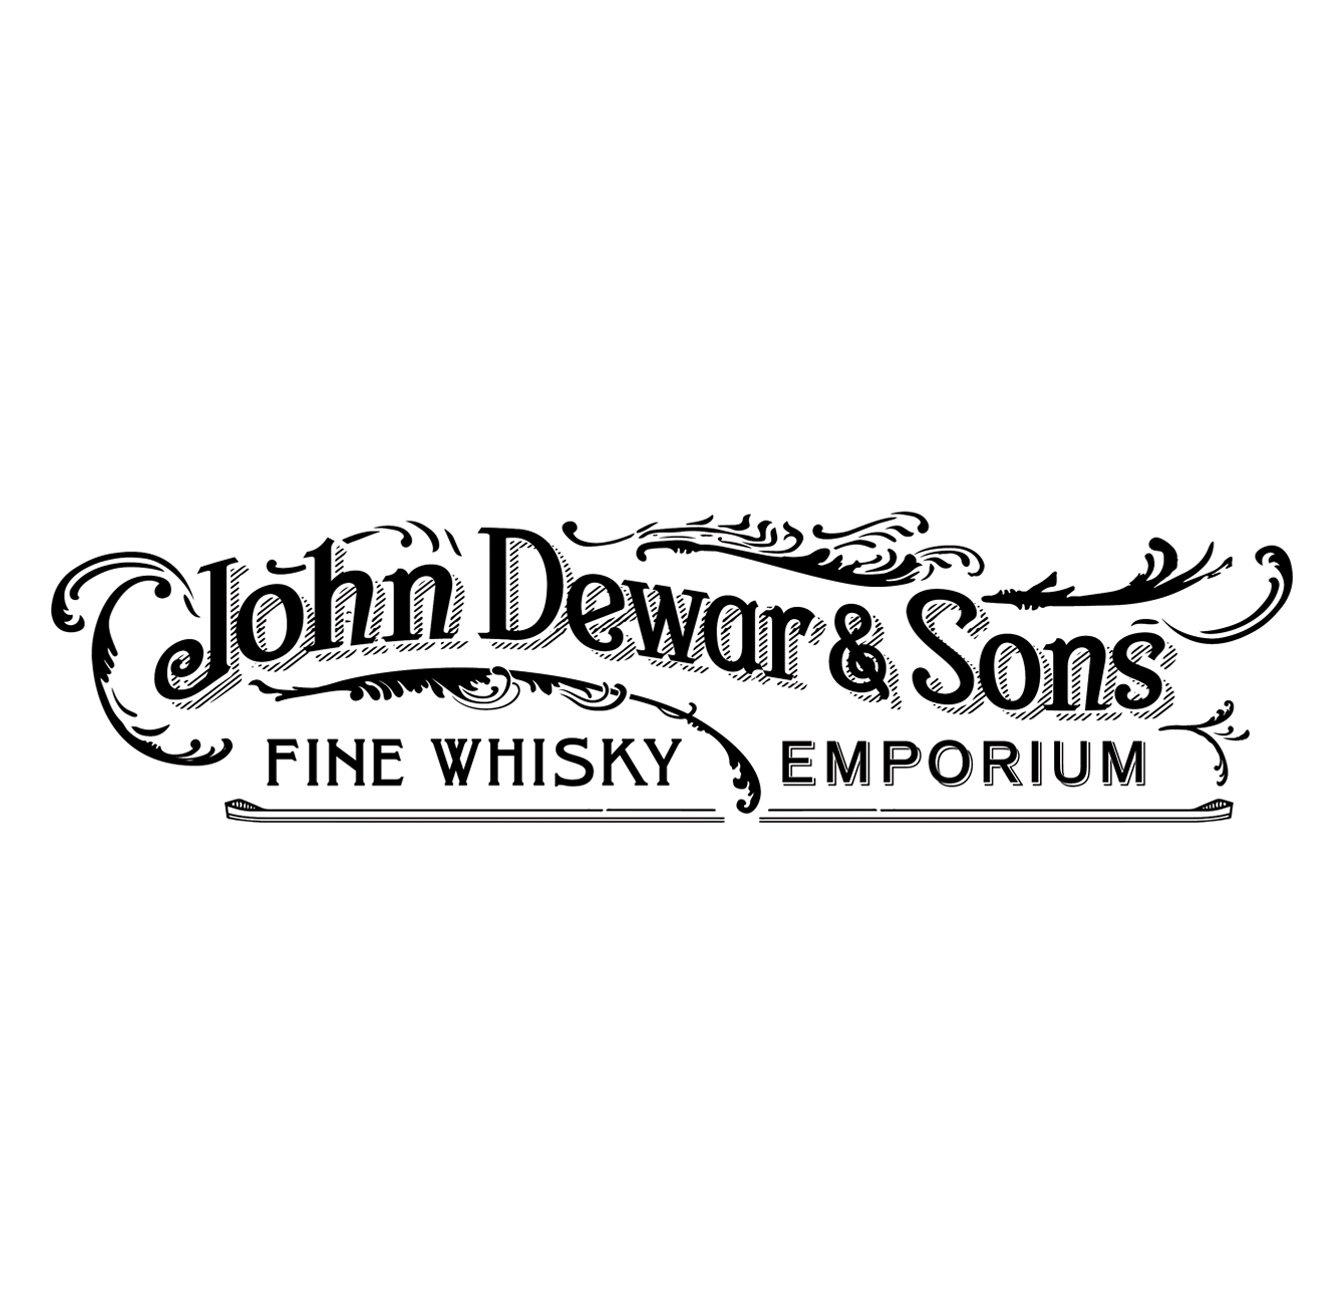 Dewar and Sons